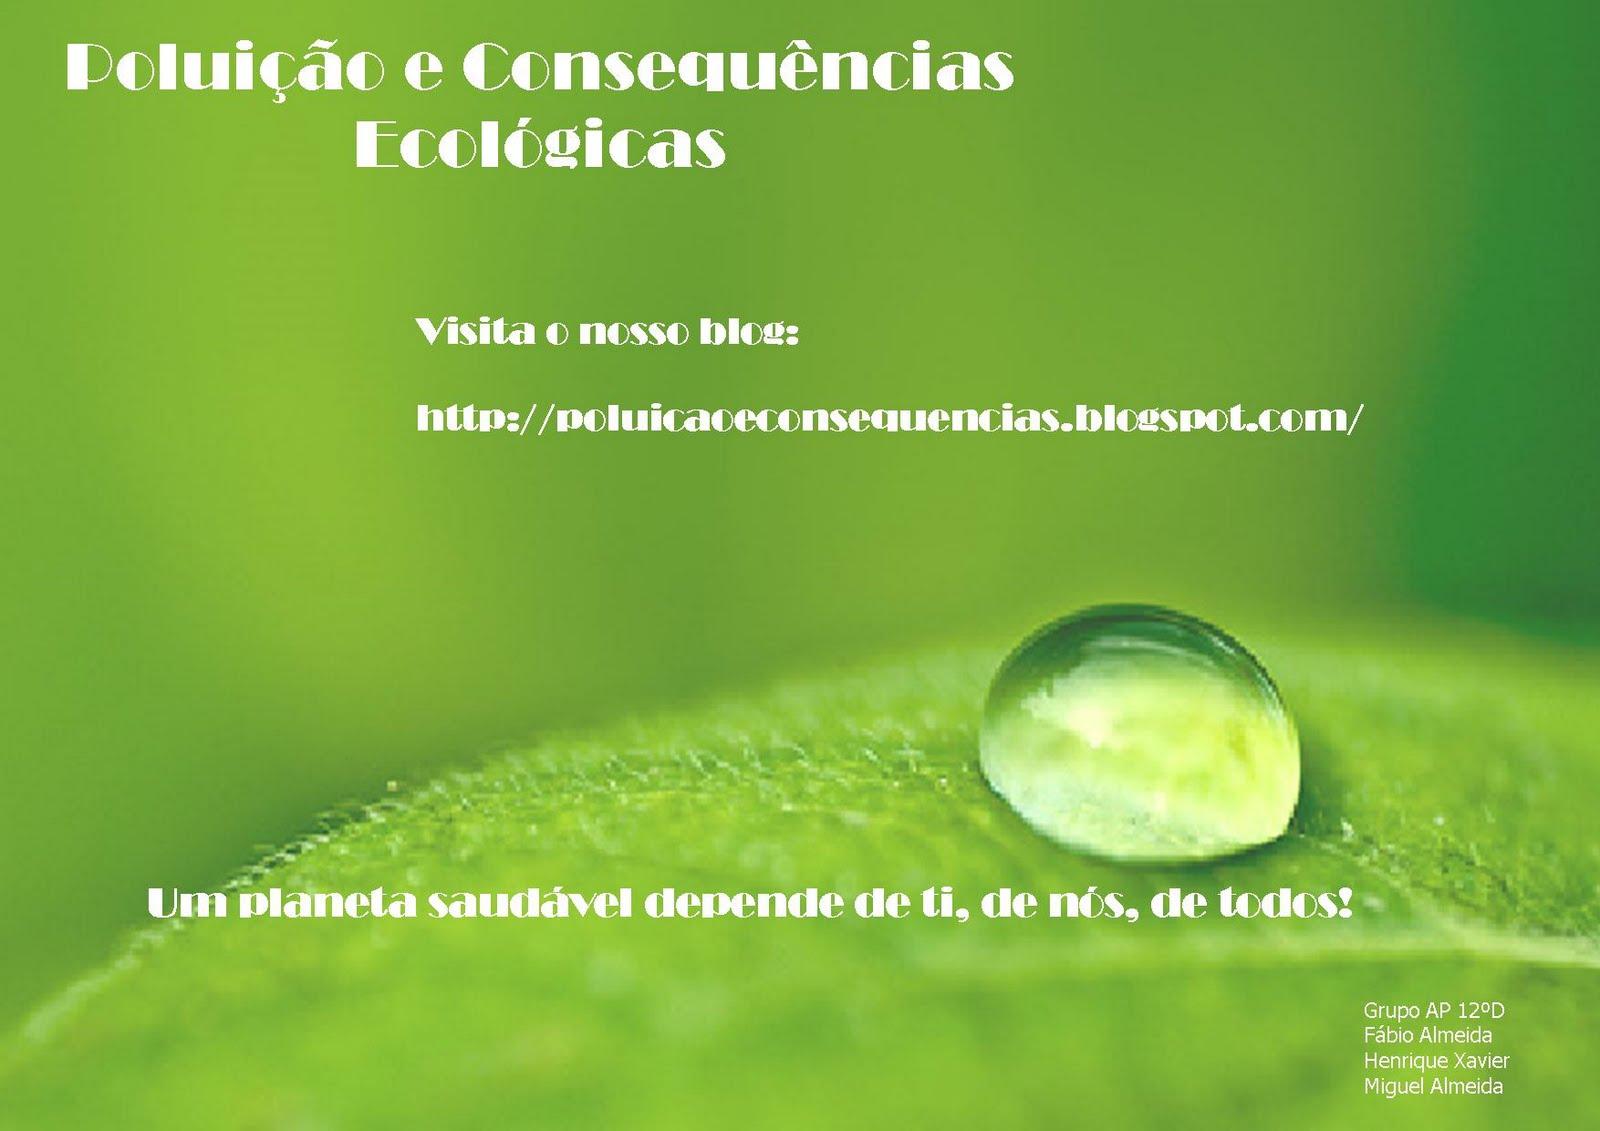 Frases Sobre Natureza E Meio Ambiente